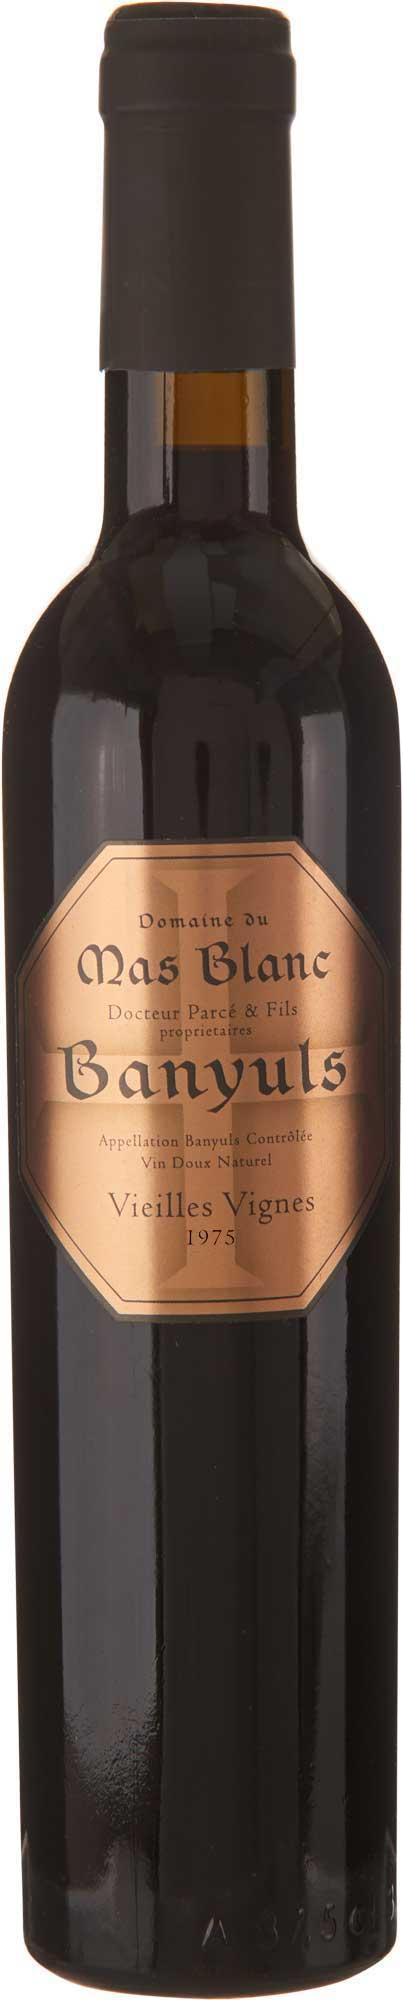 Domaine du Mas Blanc Banyuls 'Vieilles Vignes' 1975